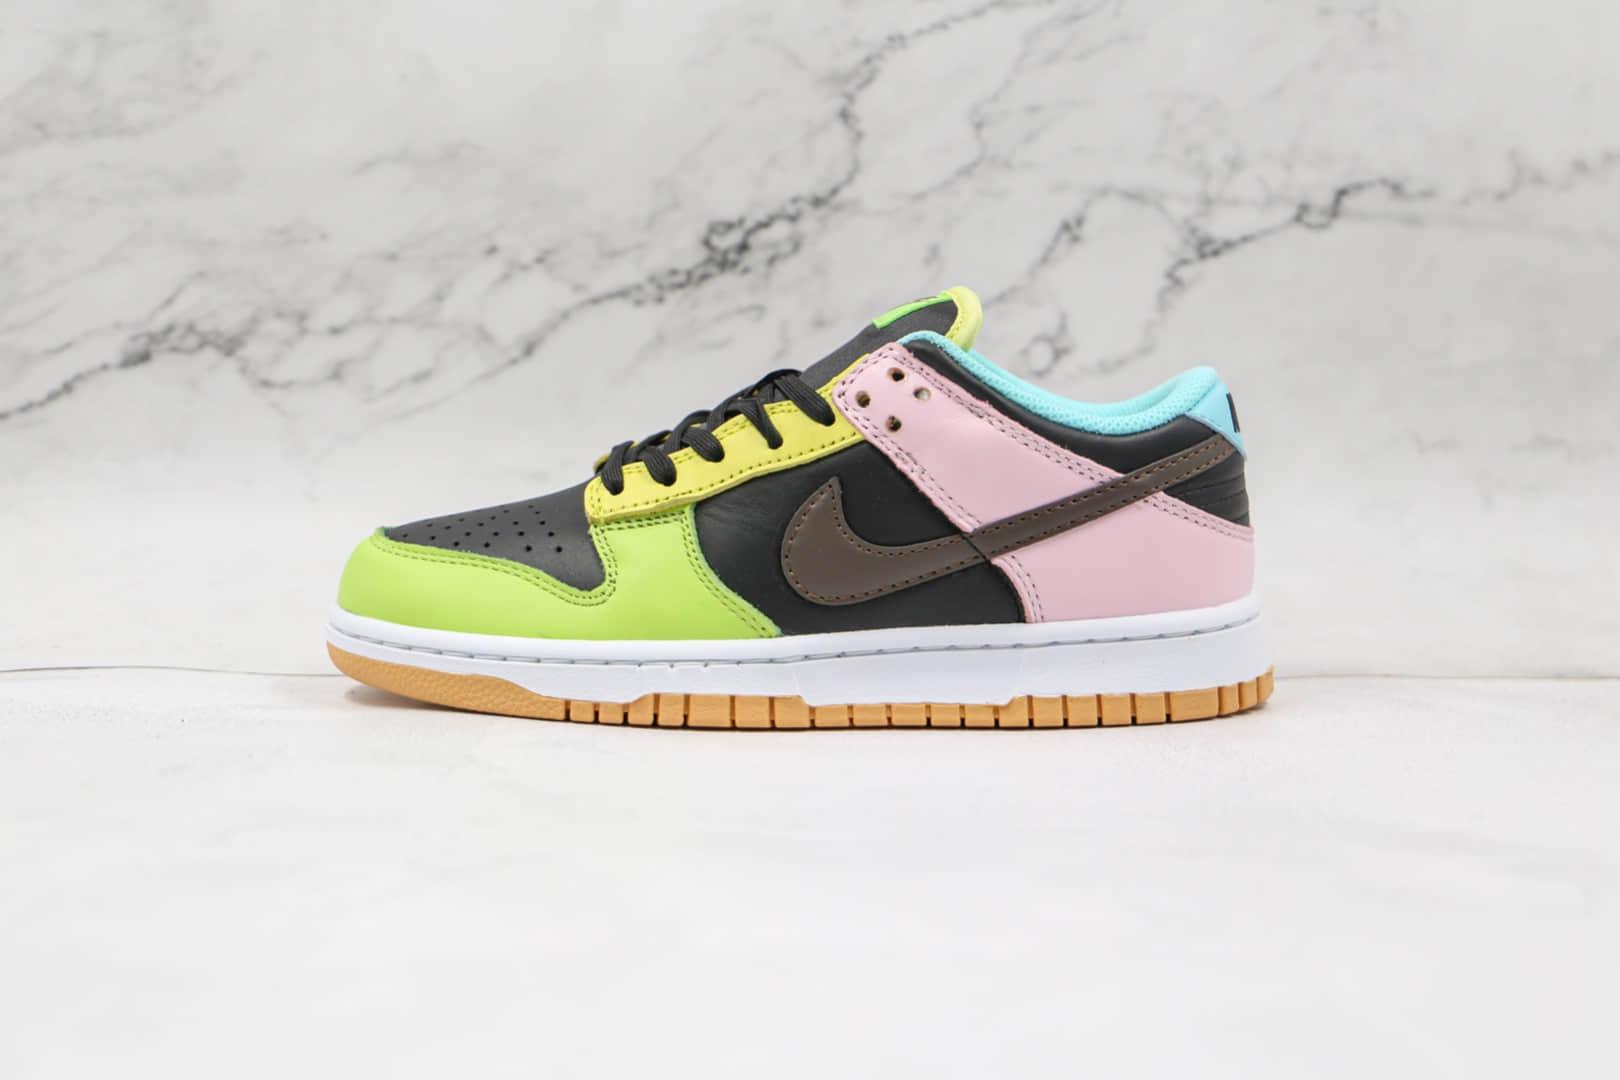 耐克Nike SB Dunk Low Free 99纯原版本低帮SB DUNK绿黑粉棕蓝黄彩色拼接板鞋内置气垫原盒原标 货号:DH0952-001